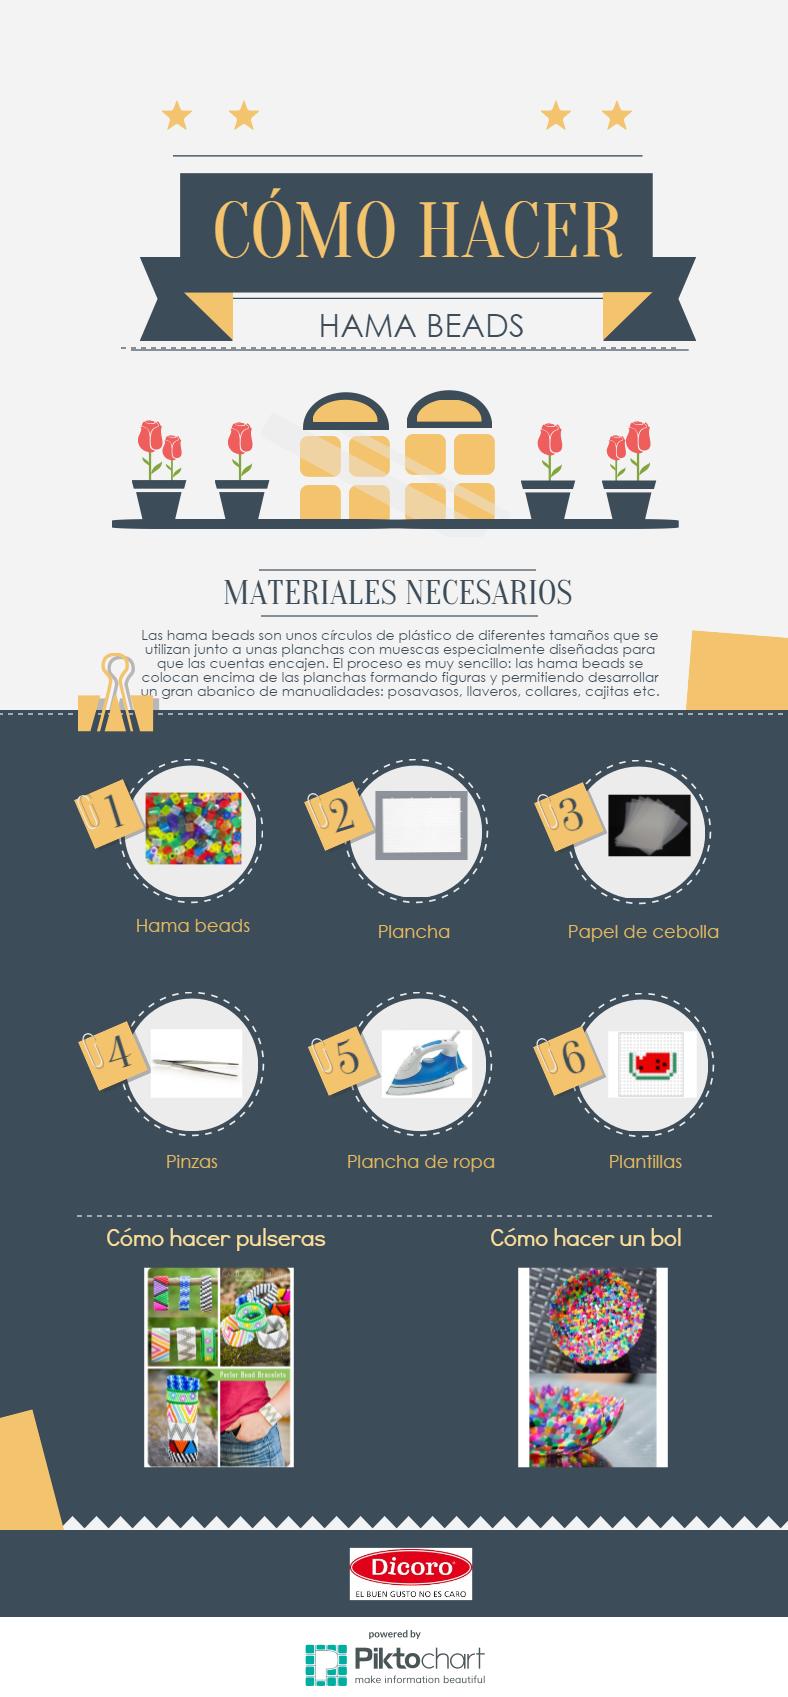 Cómo hacer hama beads (infografía)